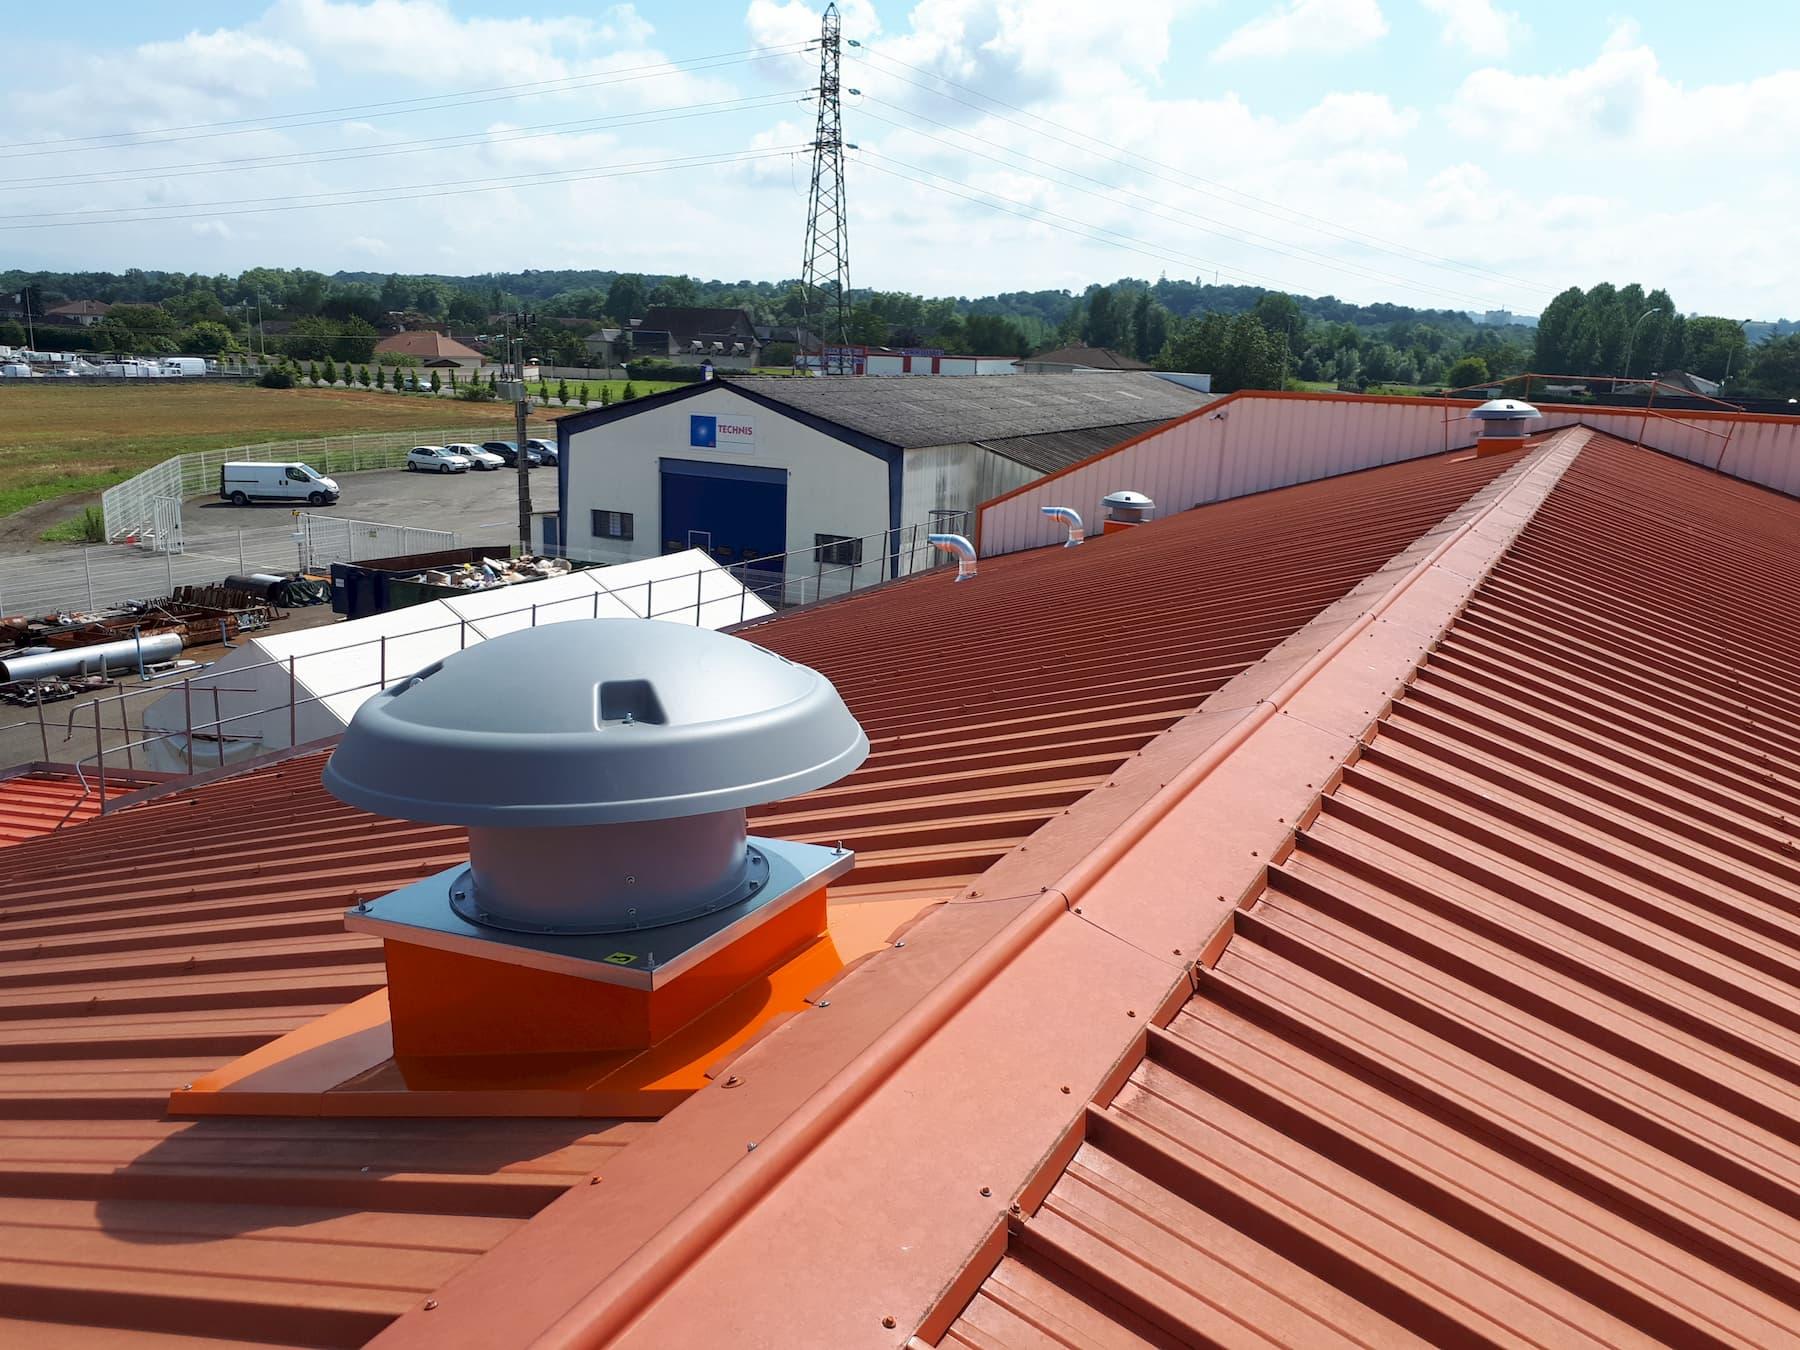 Tourelle ventilation en toiture sur souche toiture. Aspiration fumée de soudure.